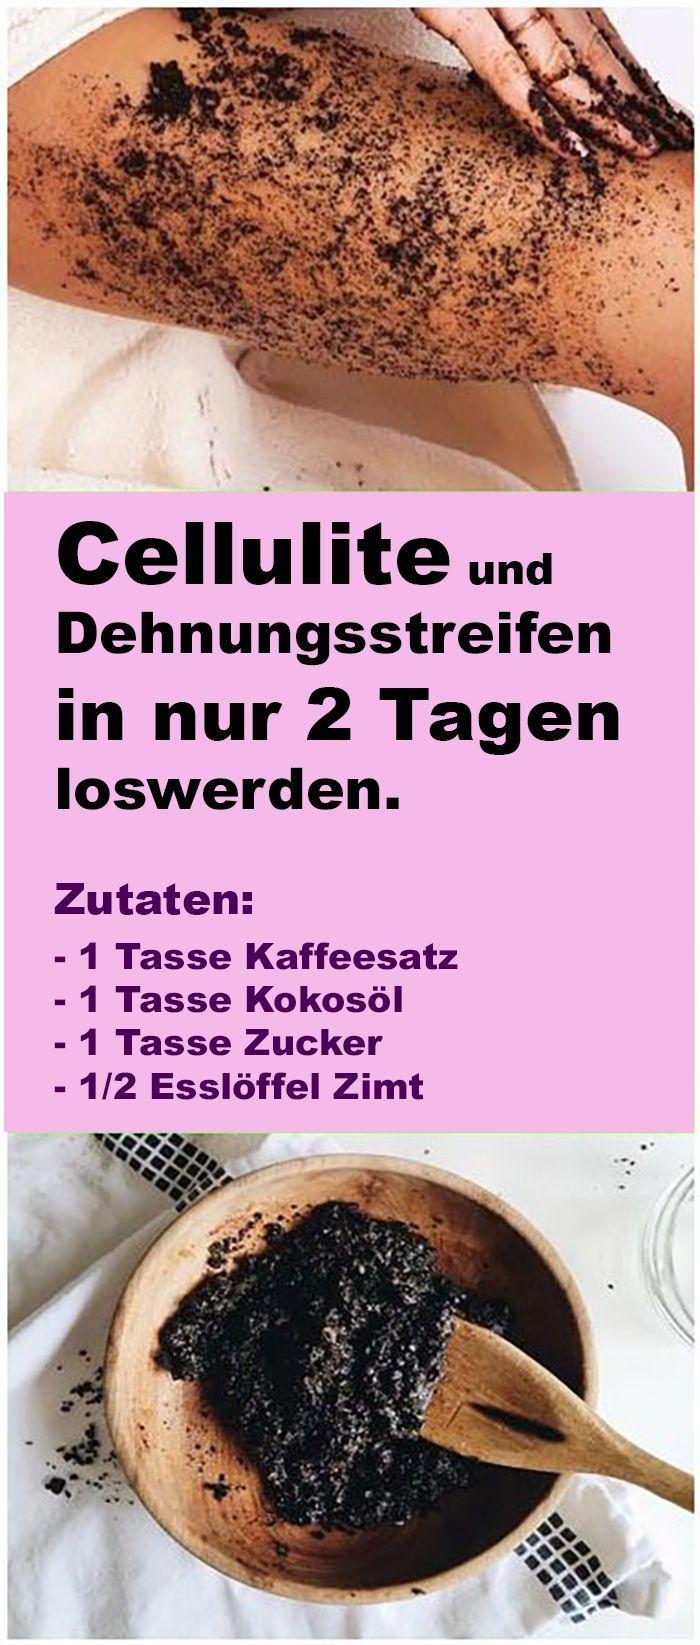 Beste DIY Cellulite Exfoliation! Dank reifer Inhaltsstoffe wird die Cellulite in